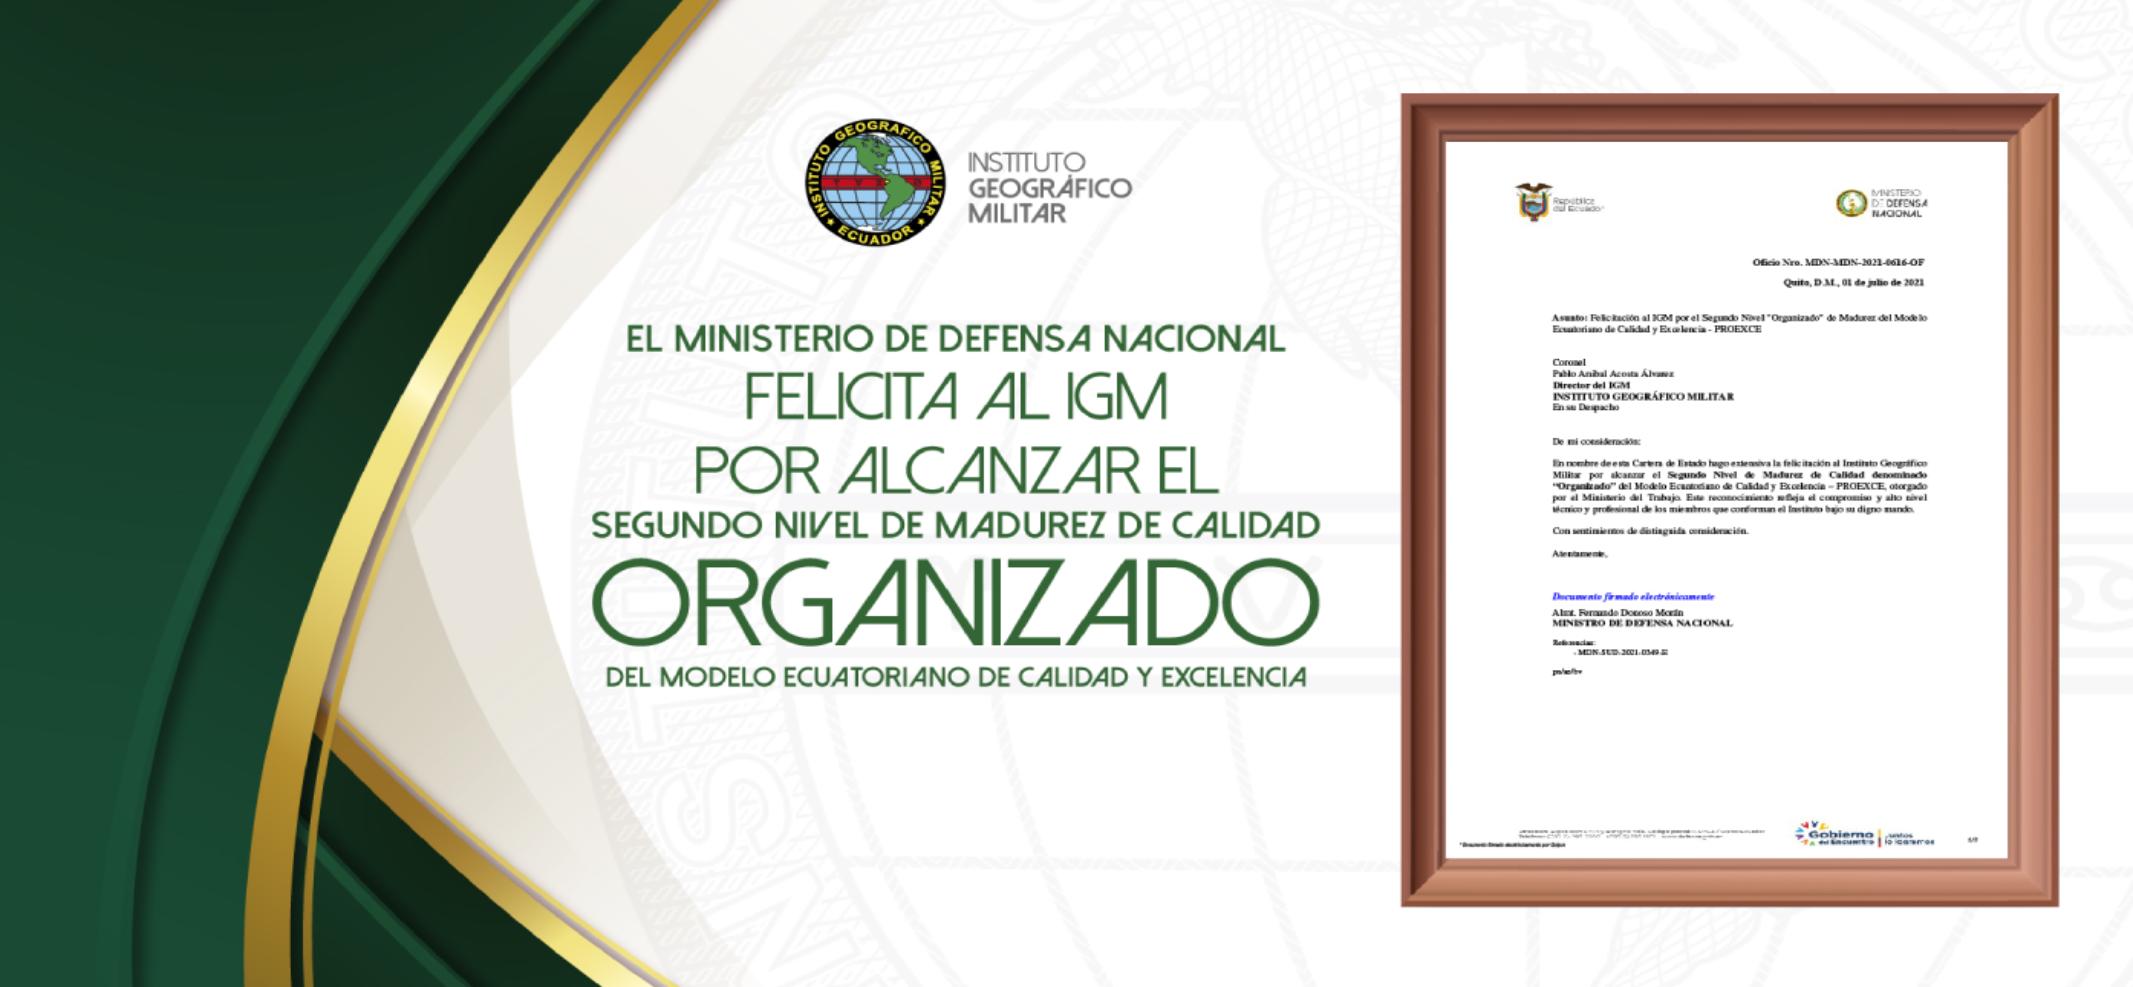 """Felicitación del señor Ministro de Defensa Nacional al IGM por haber obtenido el segundo nivel de madurez denominado """"Organizado"""""""